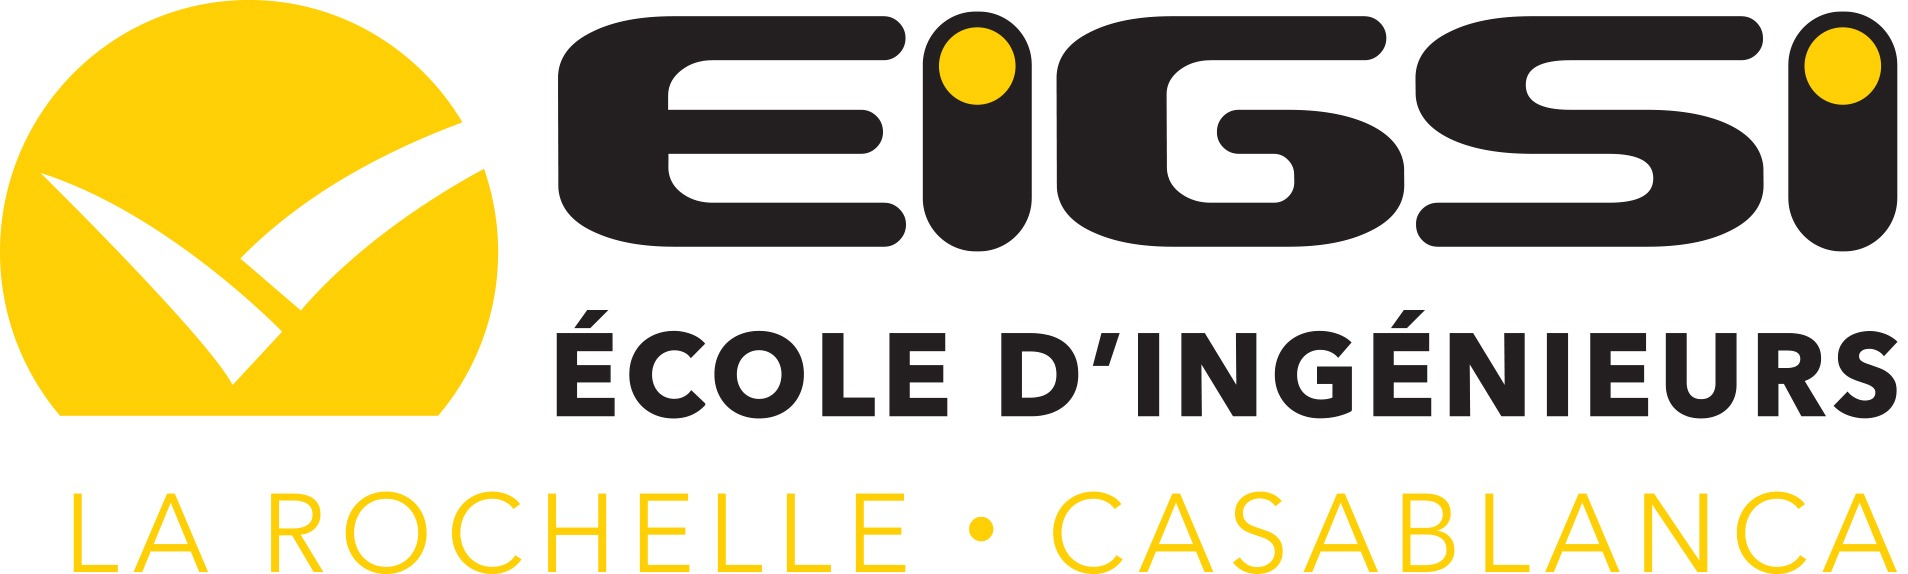 LOGO-EIGSI-STADE-ROCHELAIS-4